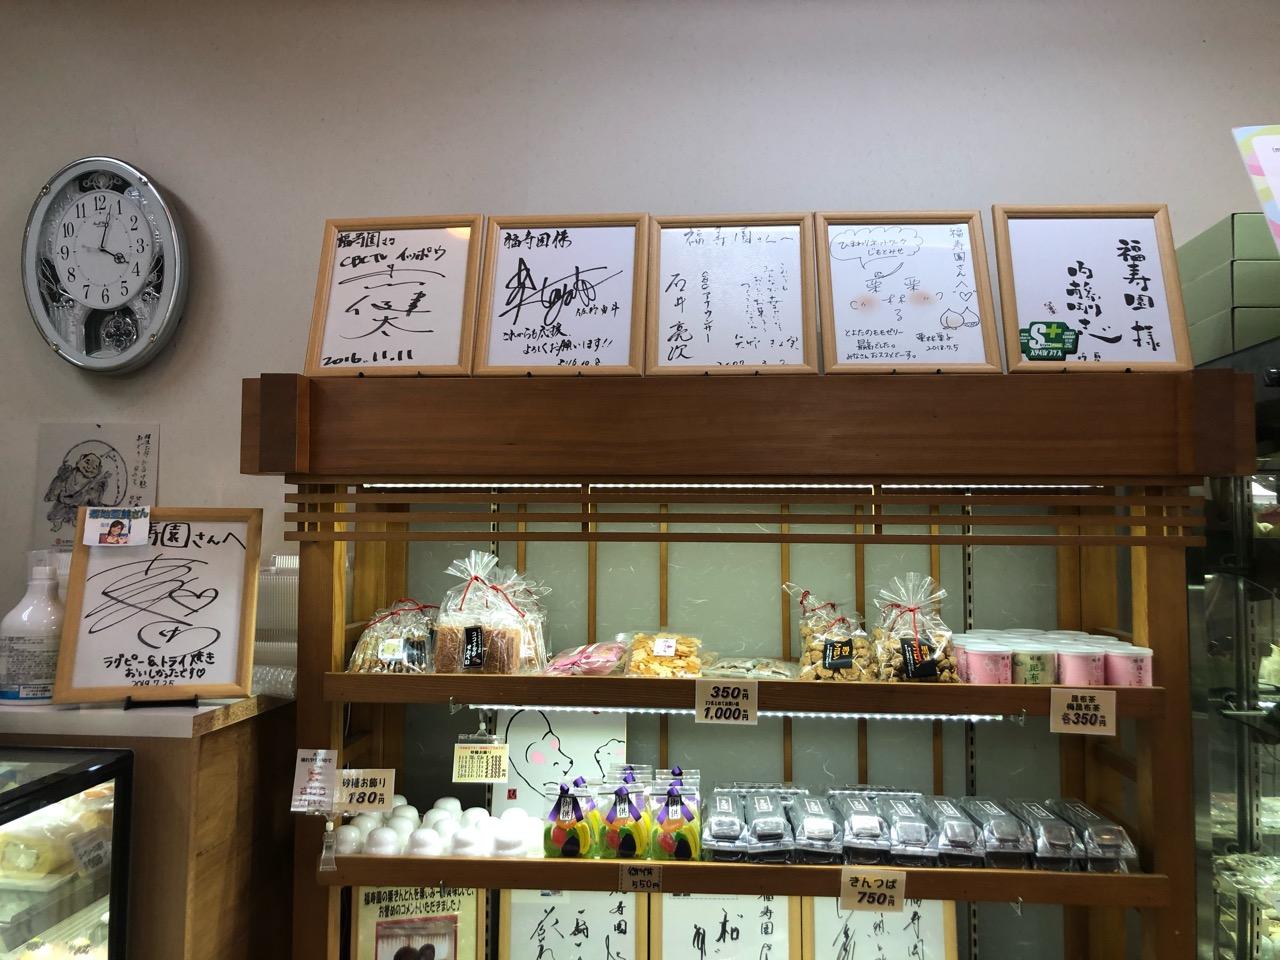 和合町にある福寿園の店内